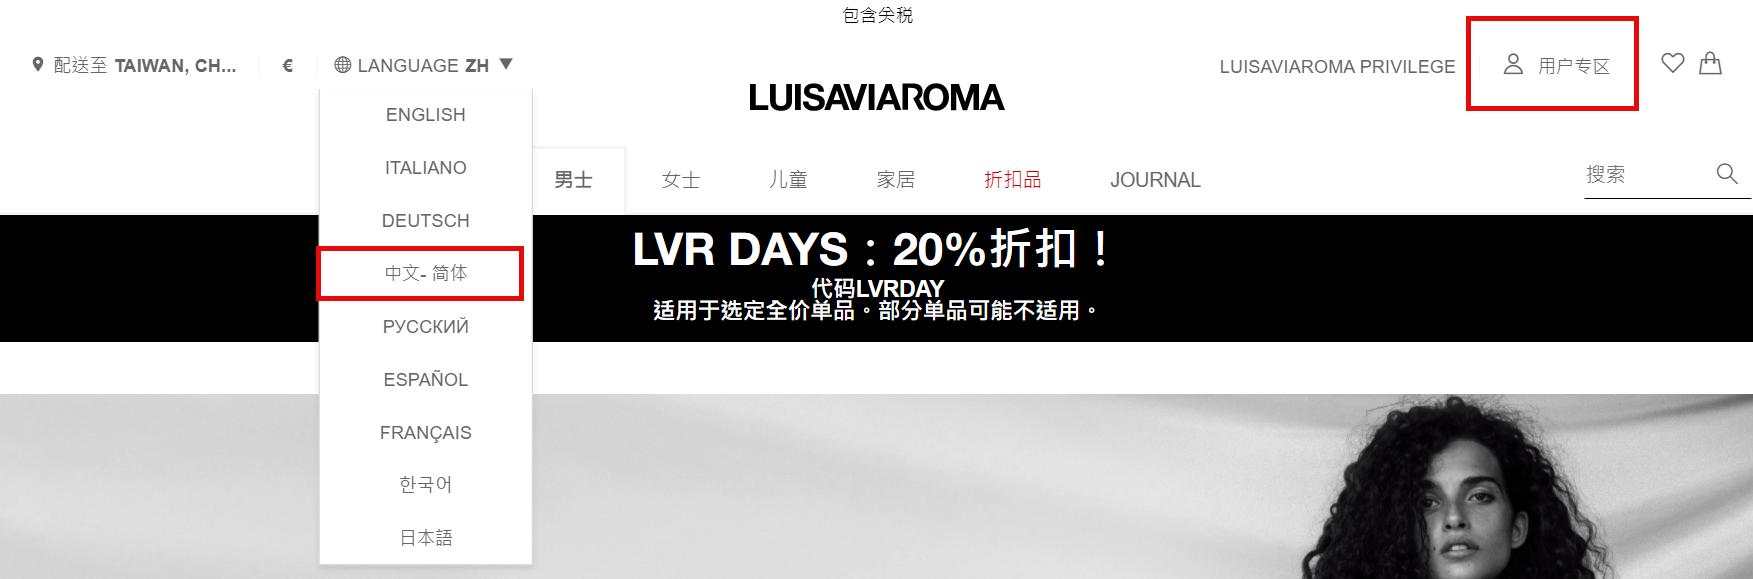 Luisaviaroma註冊教學